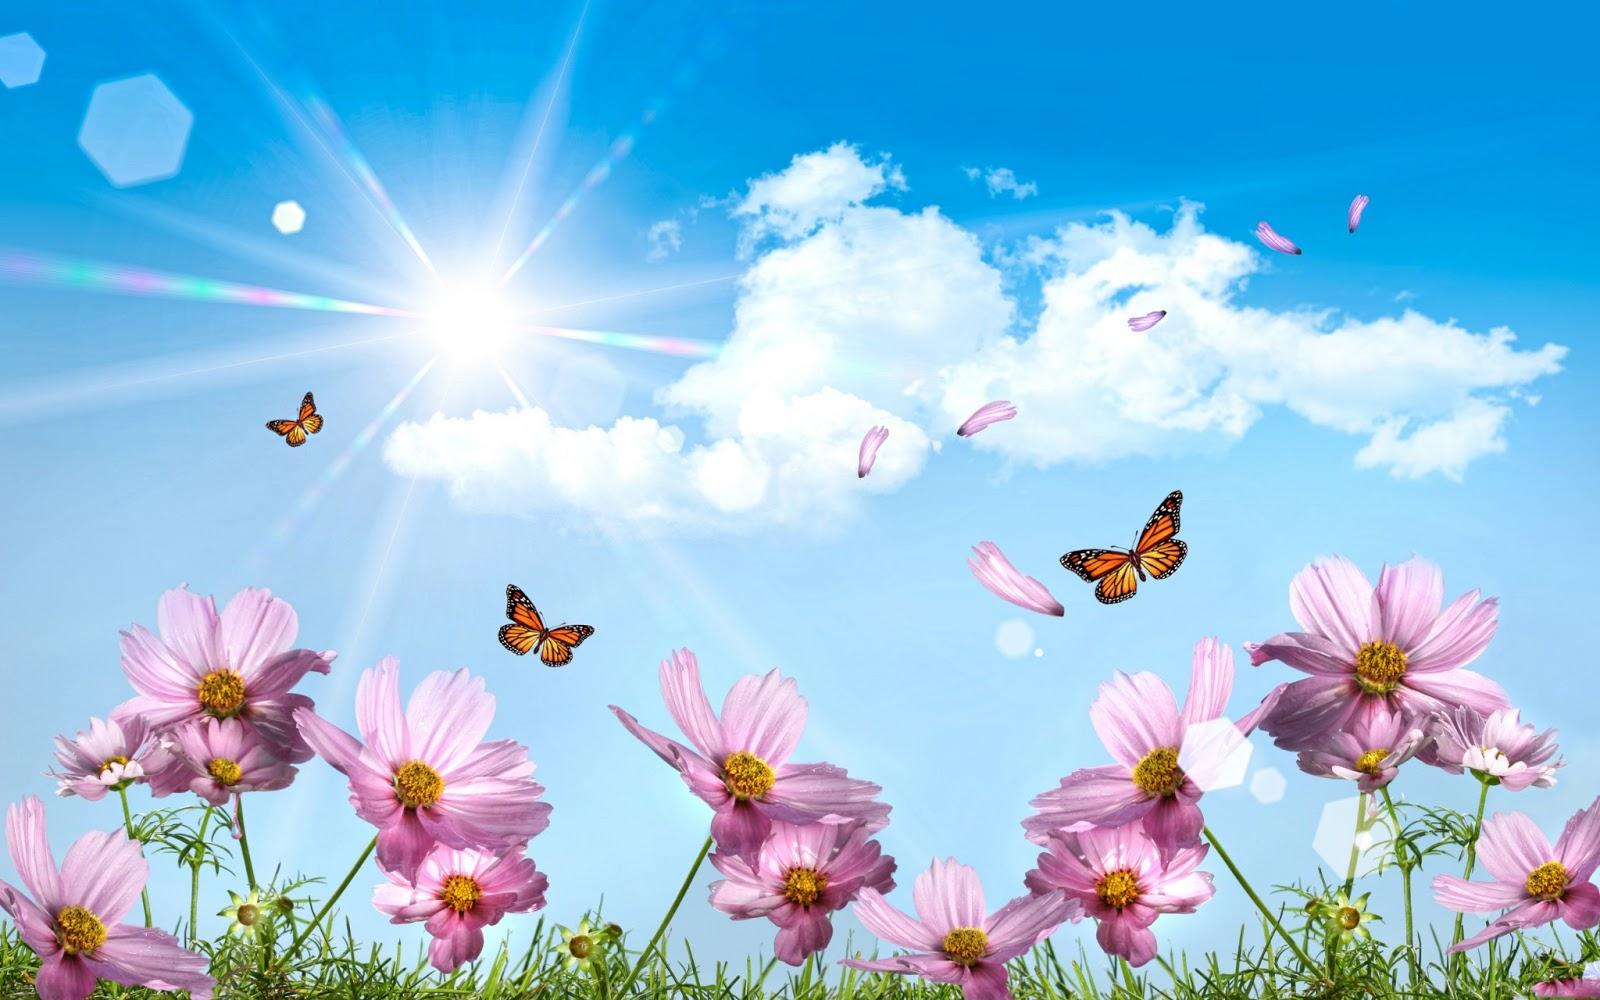 Fotografias De Mariposas Y Flores: Puesta-de-sol-en-el-jardín-de-flores-y-mariposas